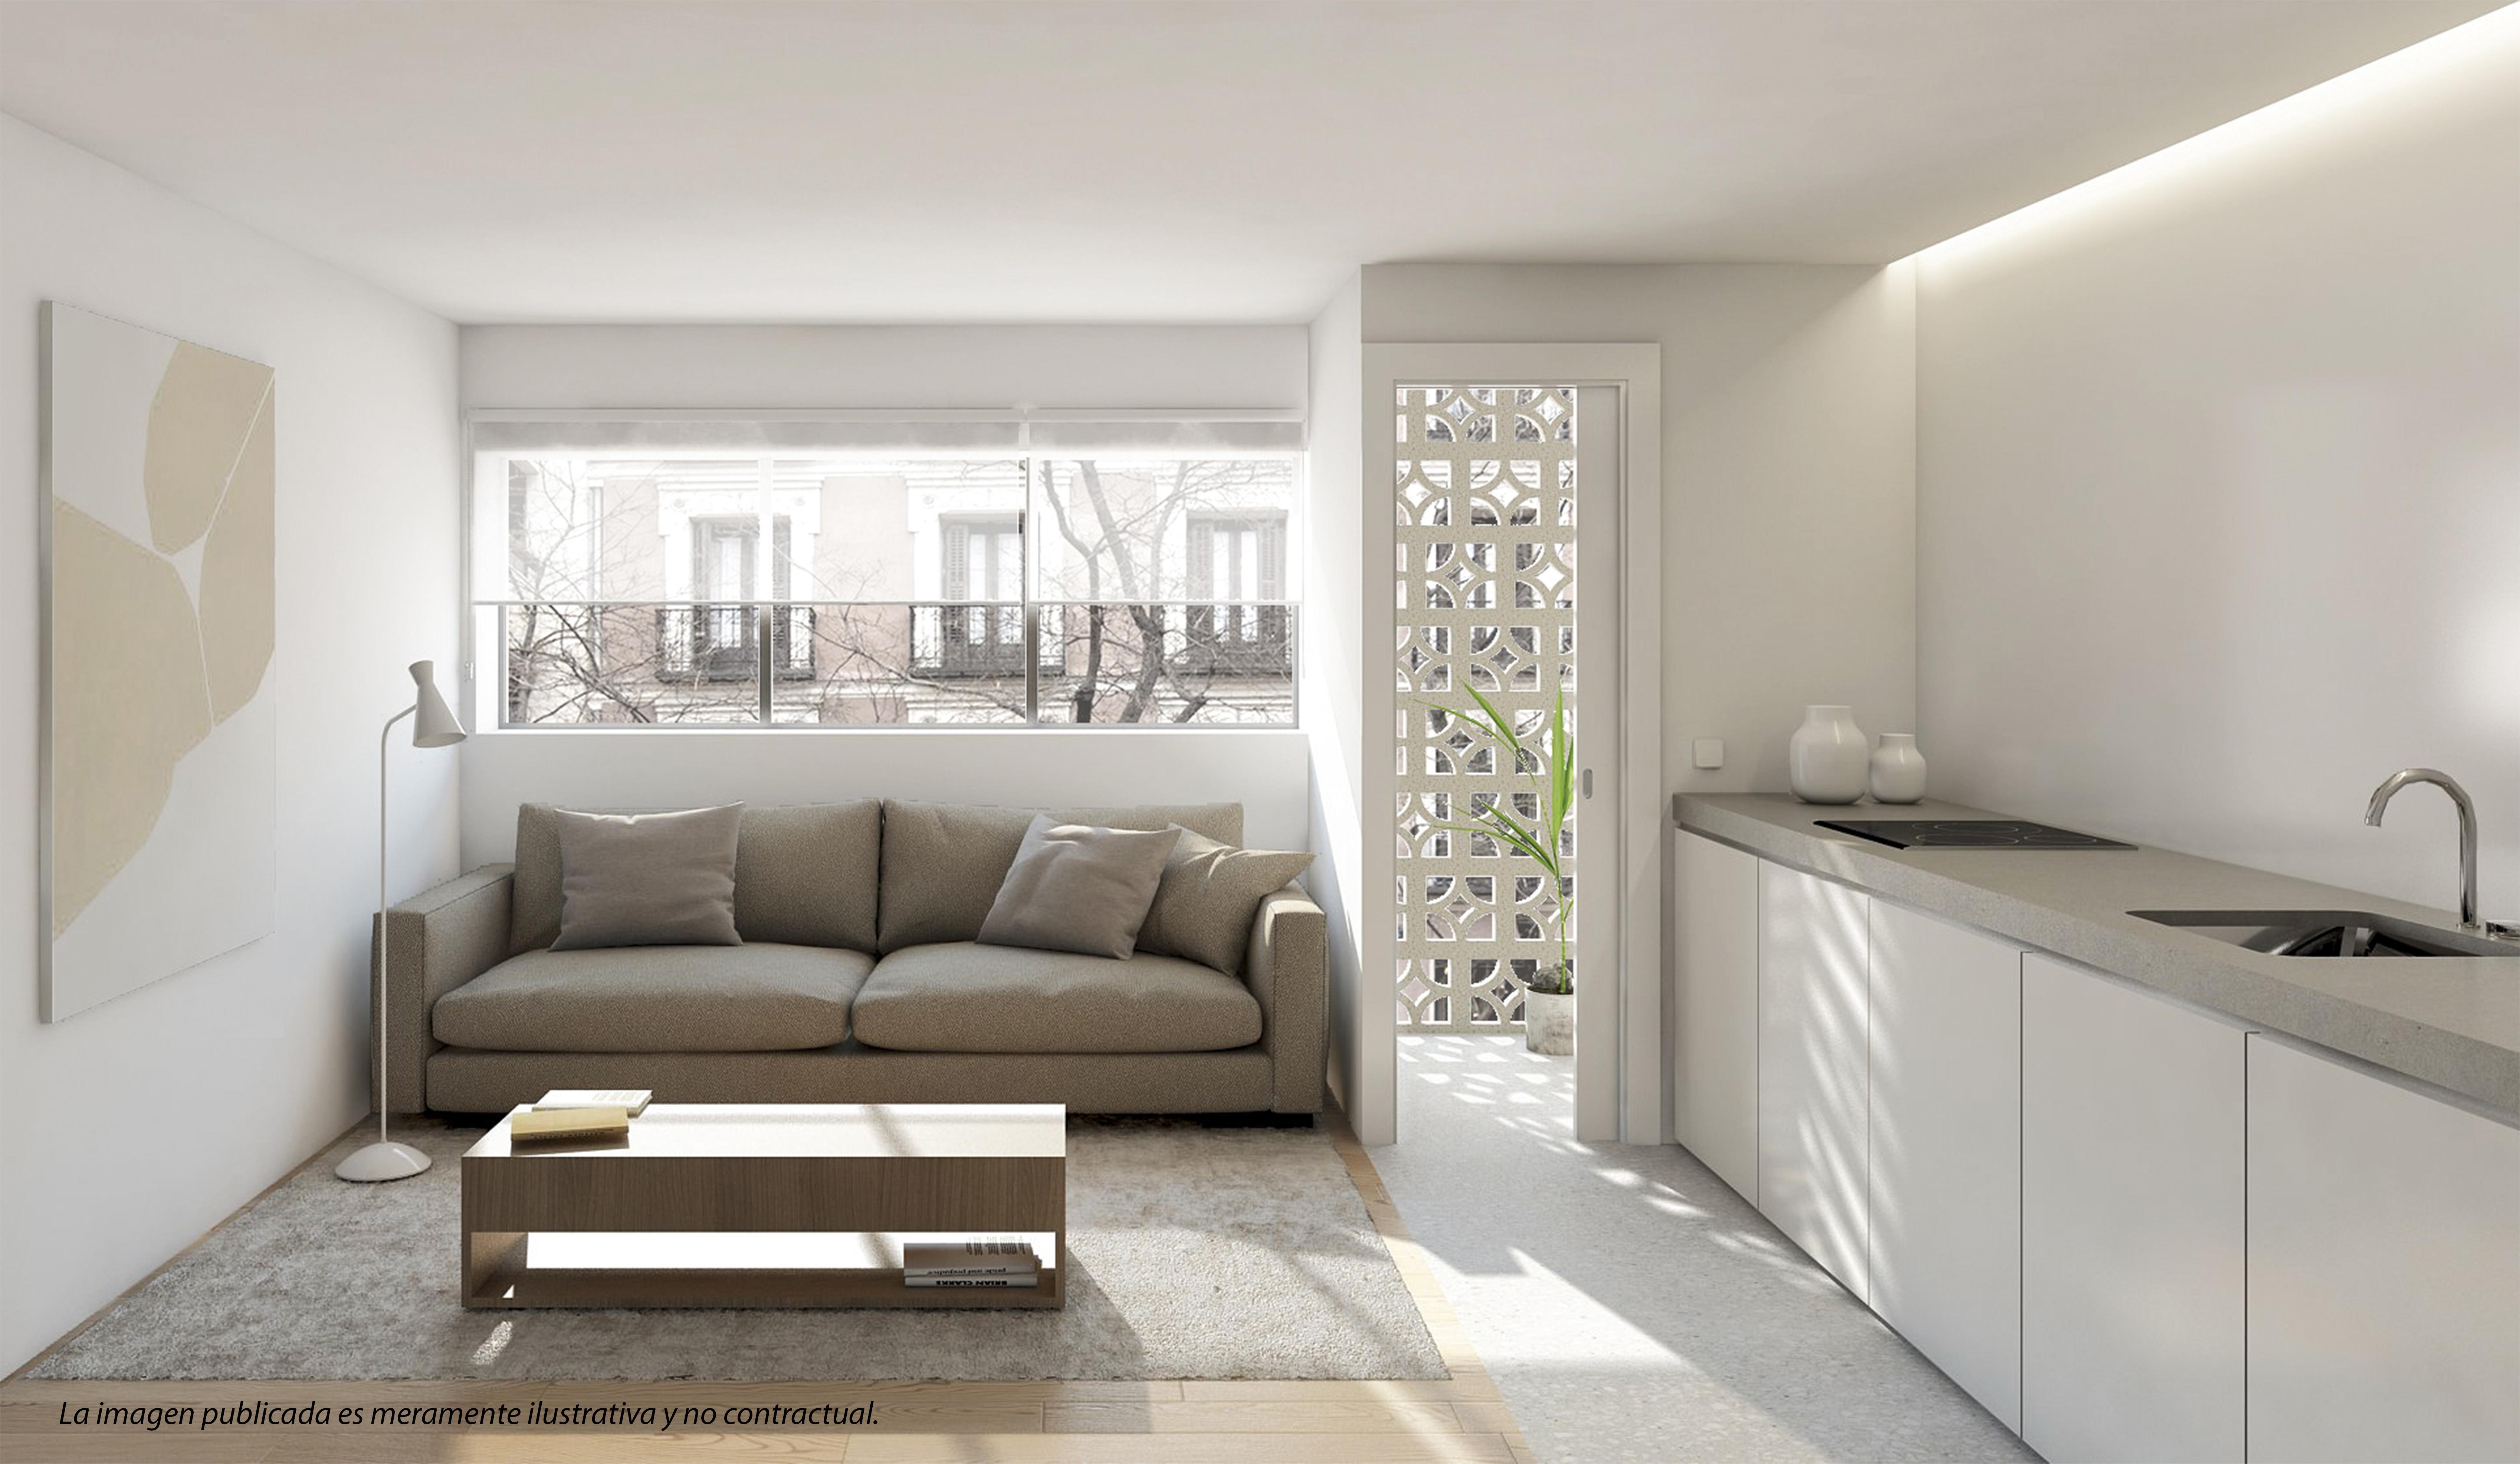 Assim será o apartameto de 42 m2 que será arrendado na Cidade Universitária / Housers